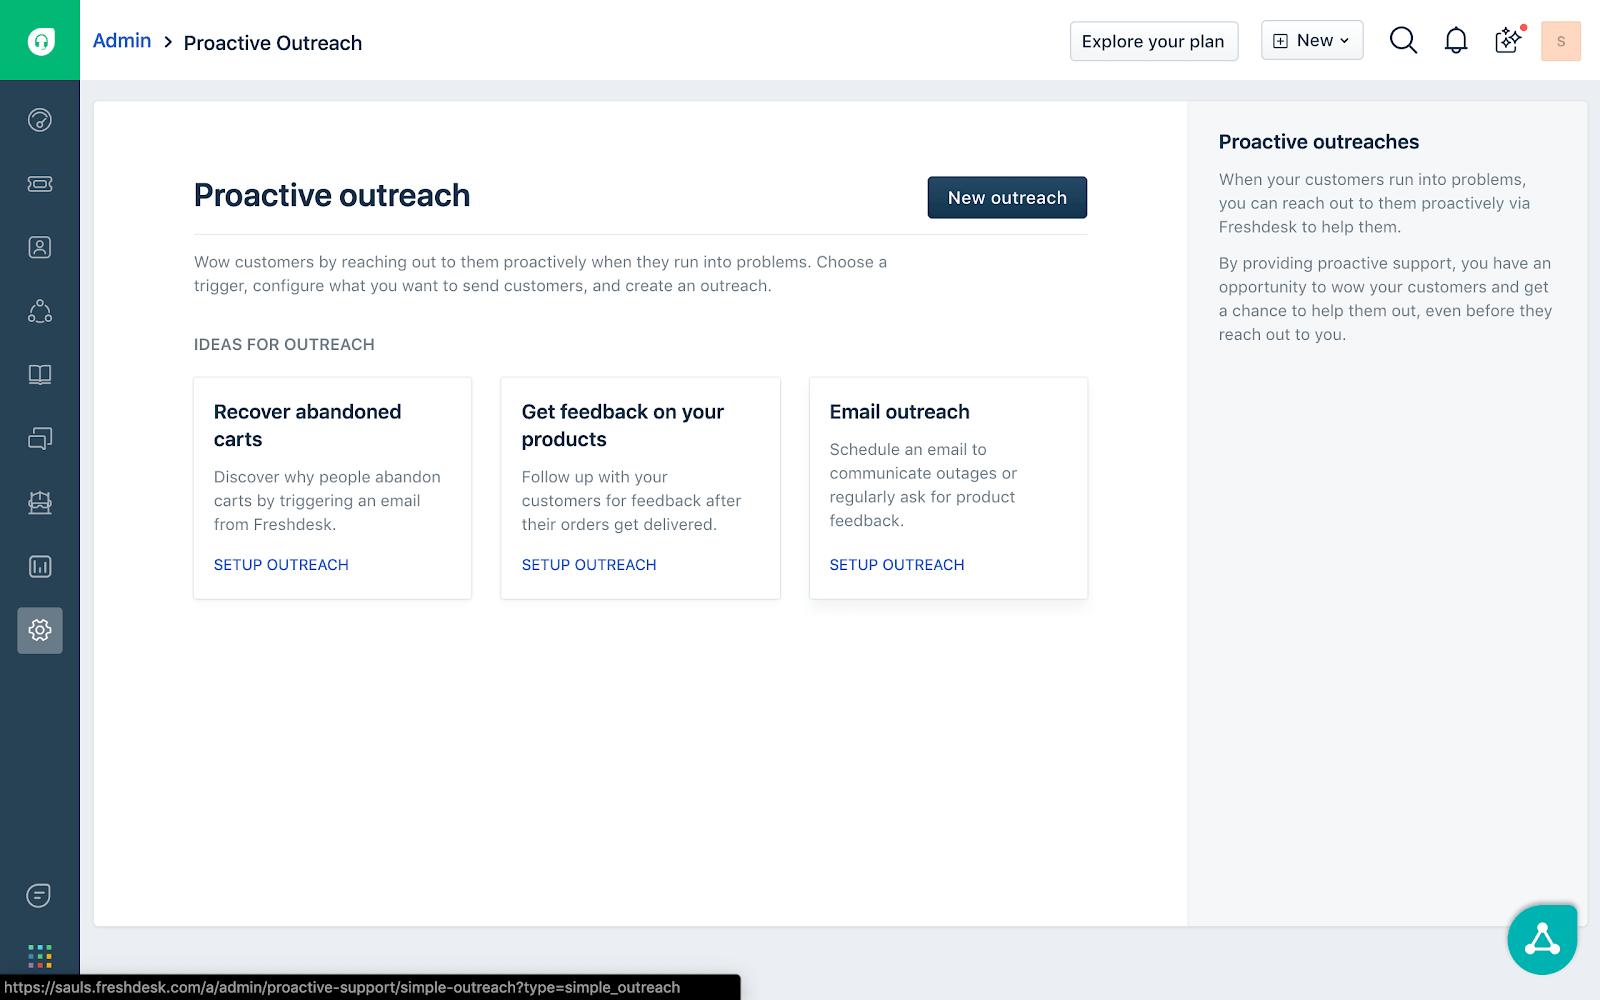 Freshdesk proactive outreach